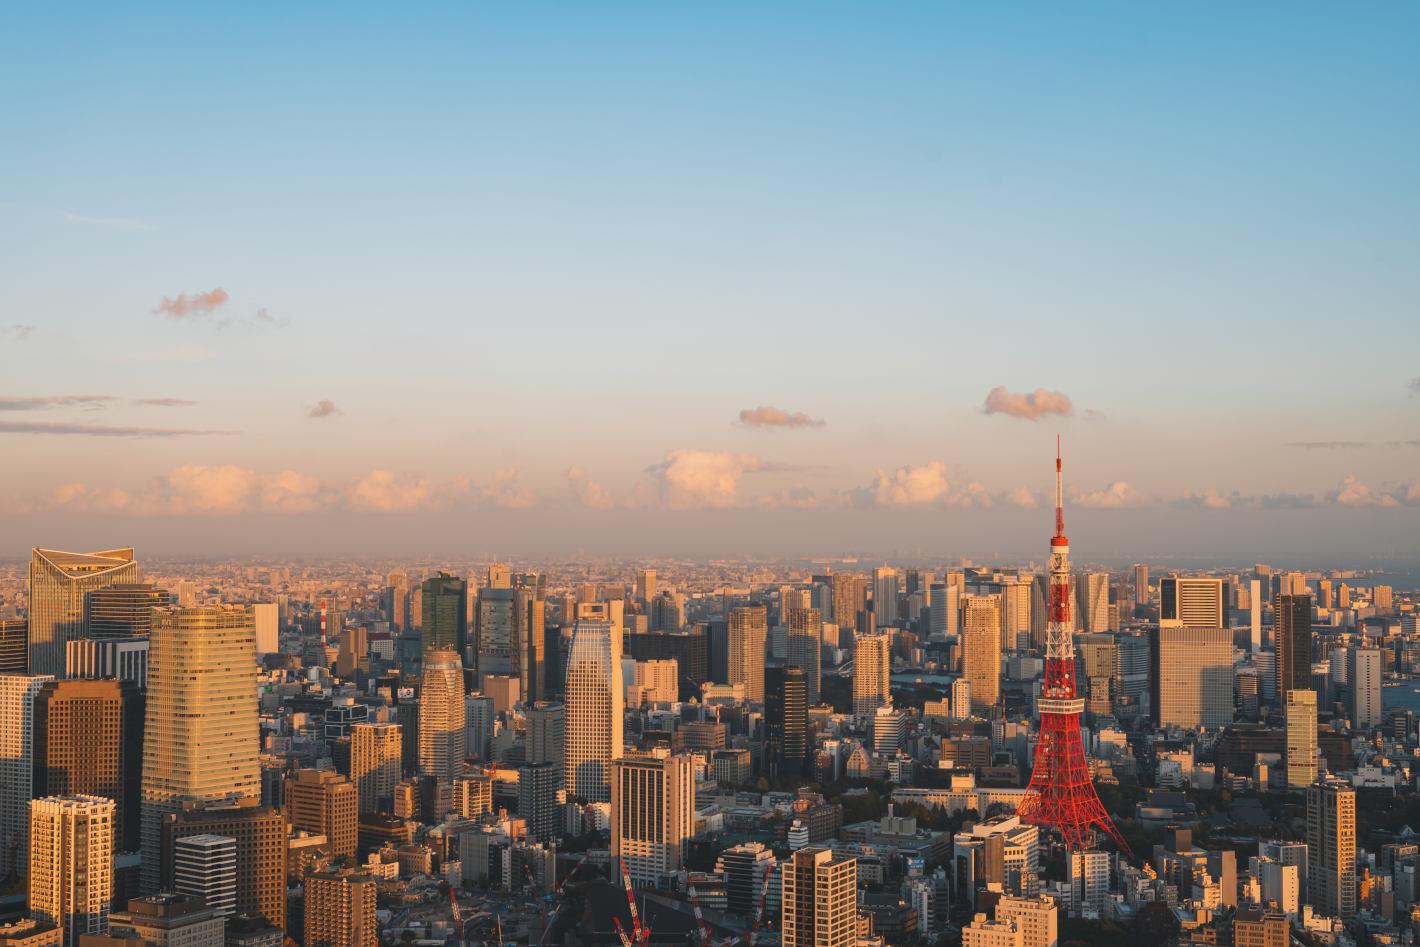 Z 50、NIKKOR Z DX 16-50mm f/3.5-6.3 VR/撮影地:六本木ヒルズ展望台 東京シティビュー 屋上スカイデッキ